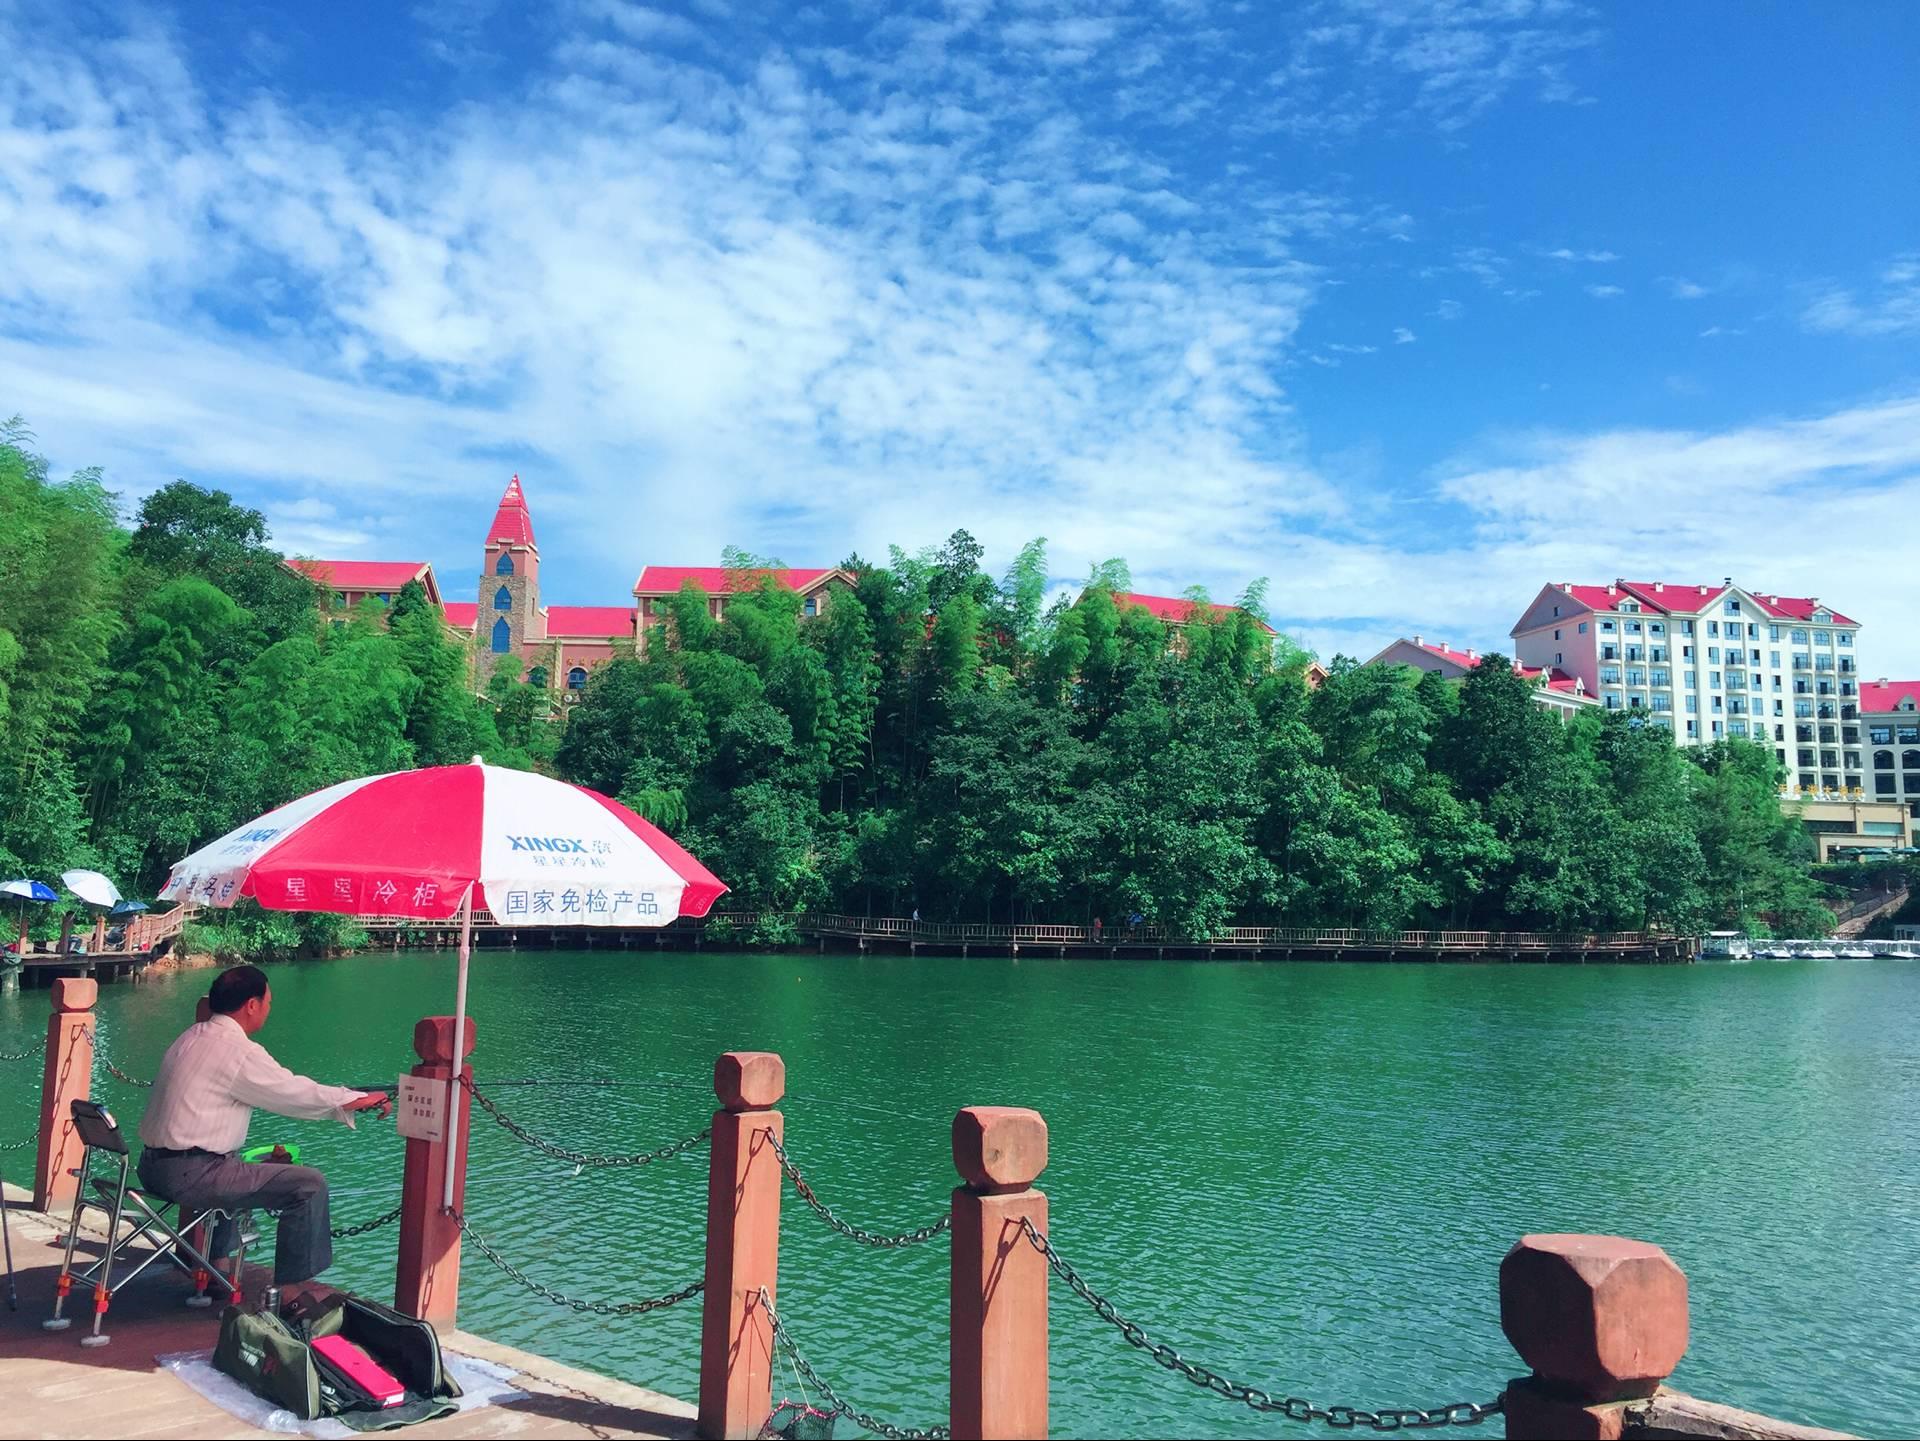 国际养生避暑房--天岛湖